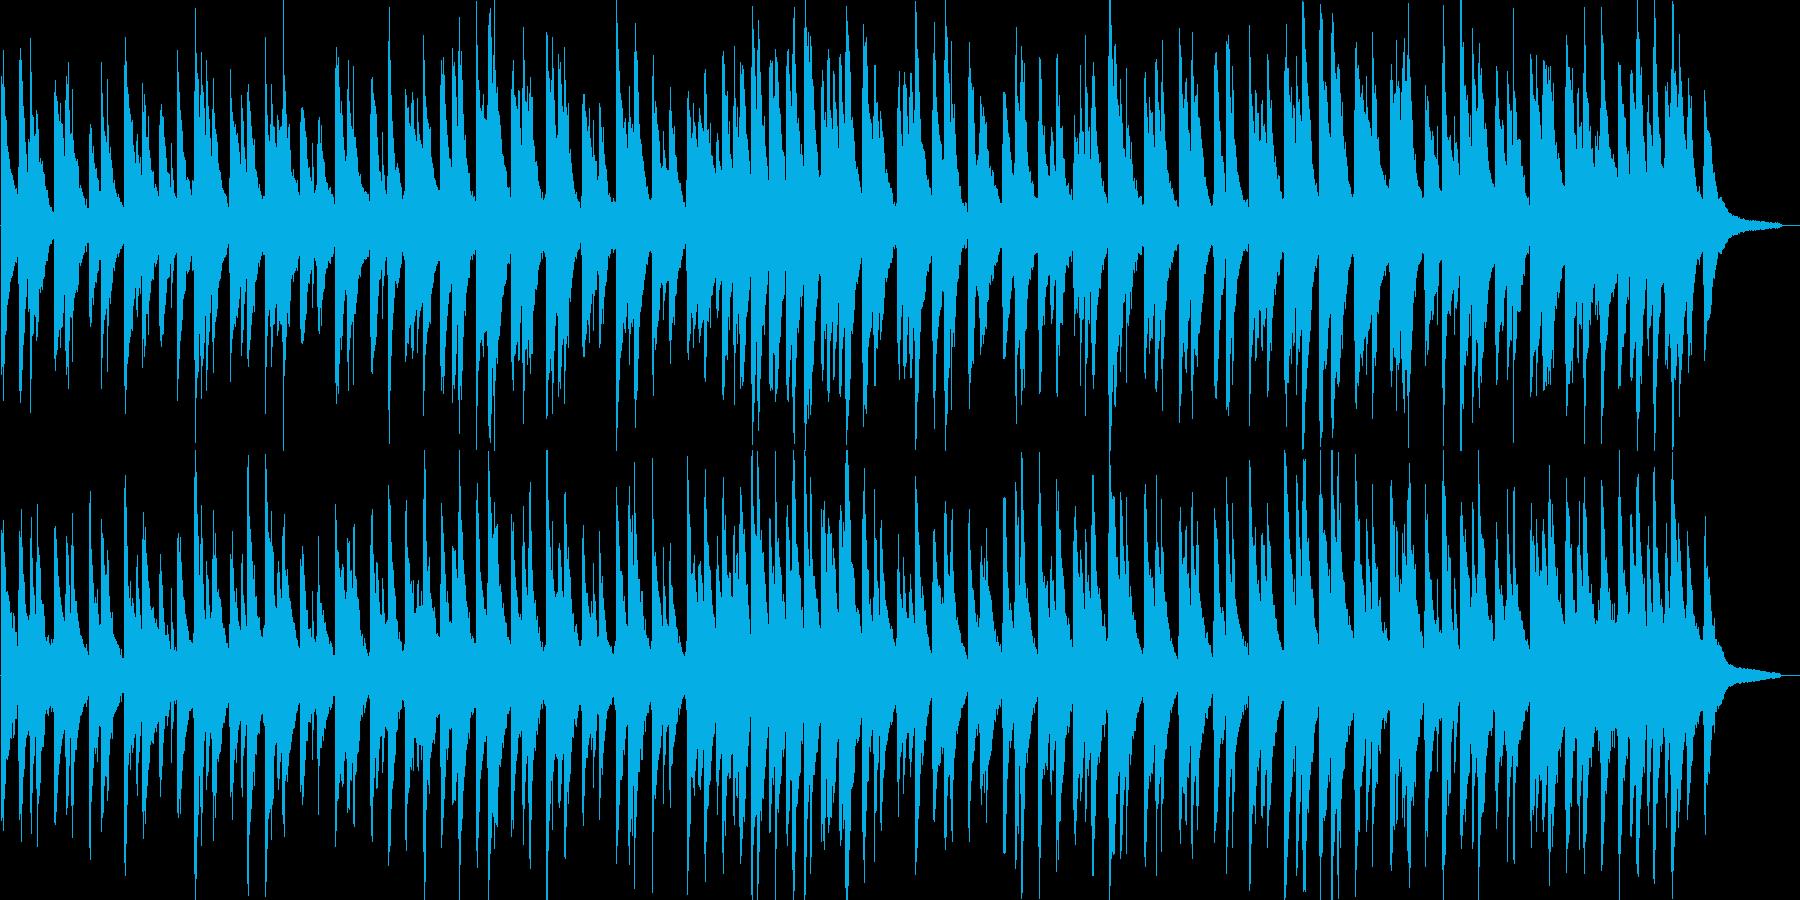 リラックス・ピアノ・ジャズ・ブルース調の再生済みの波形